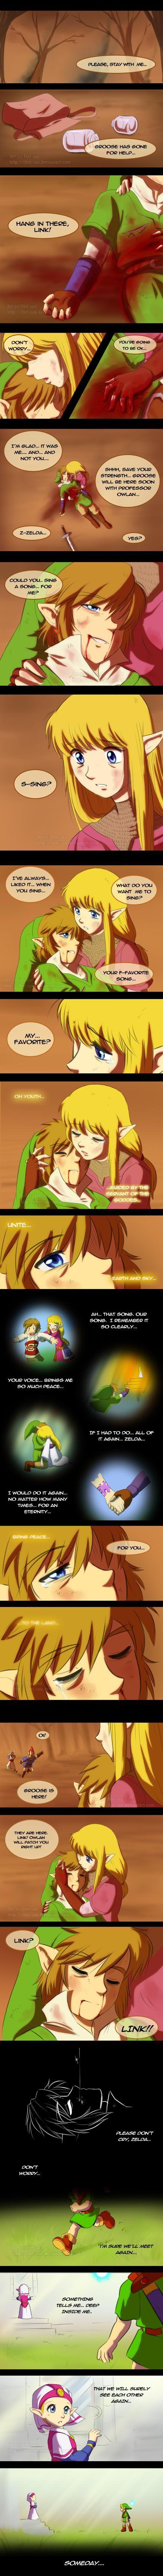 """""""We'll meet again...""""  *snif snif* whaaaaaaa!!!!!!!"""